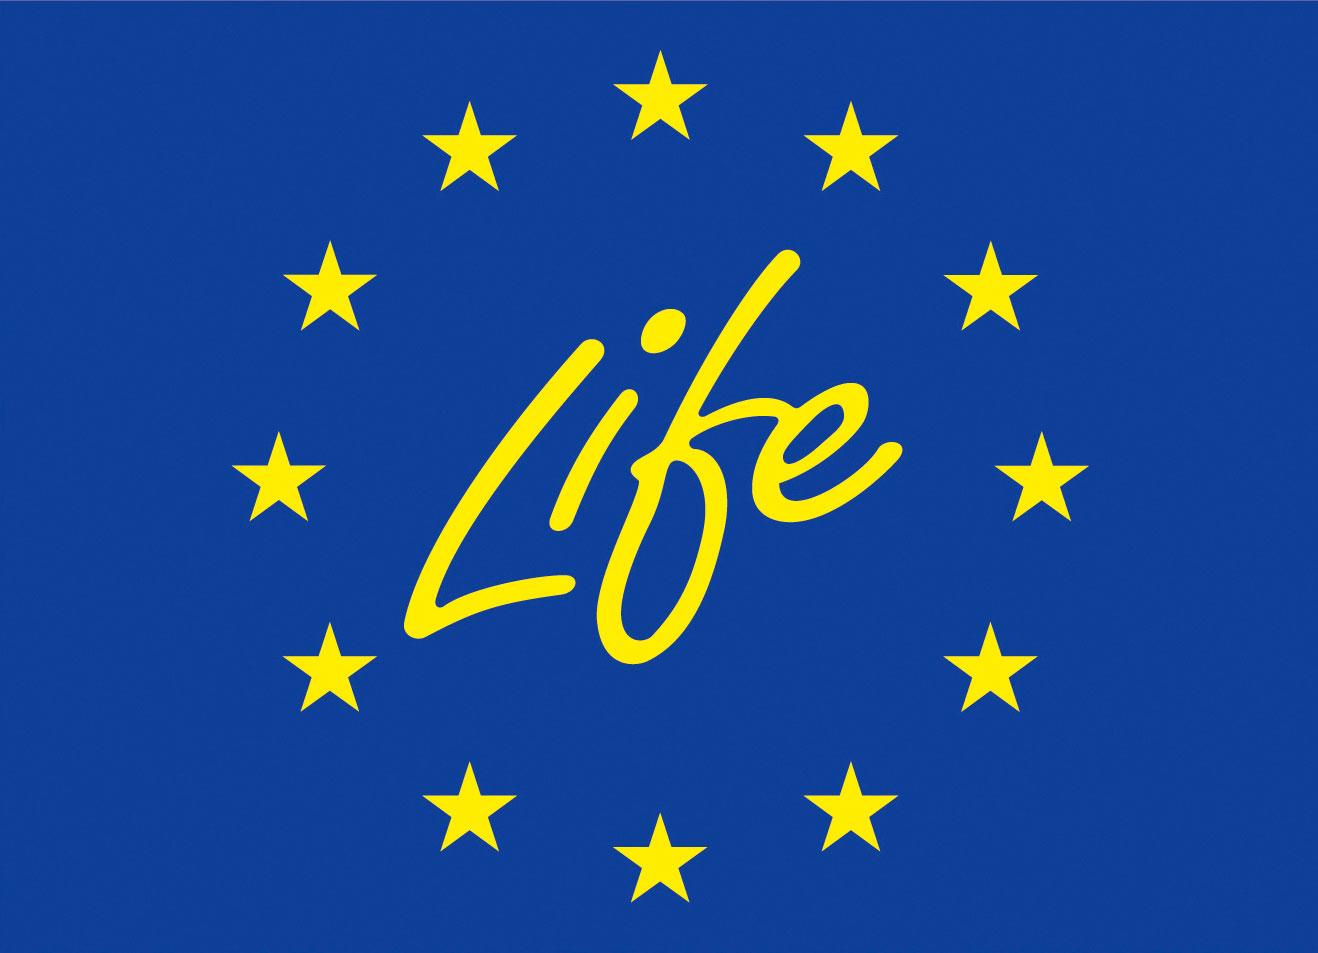 ενημερωτική ημερίδα πρόγραμμα life